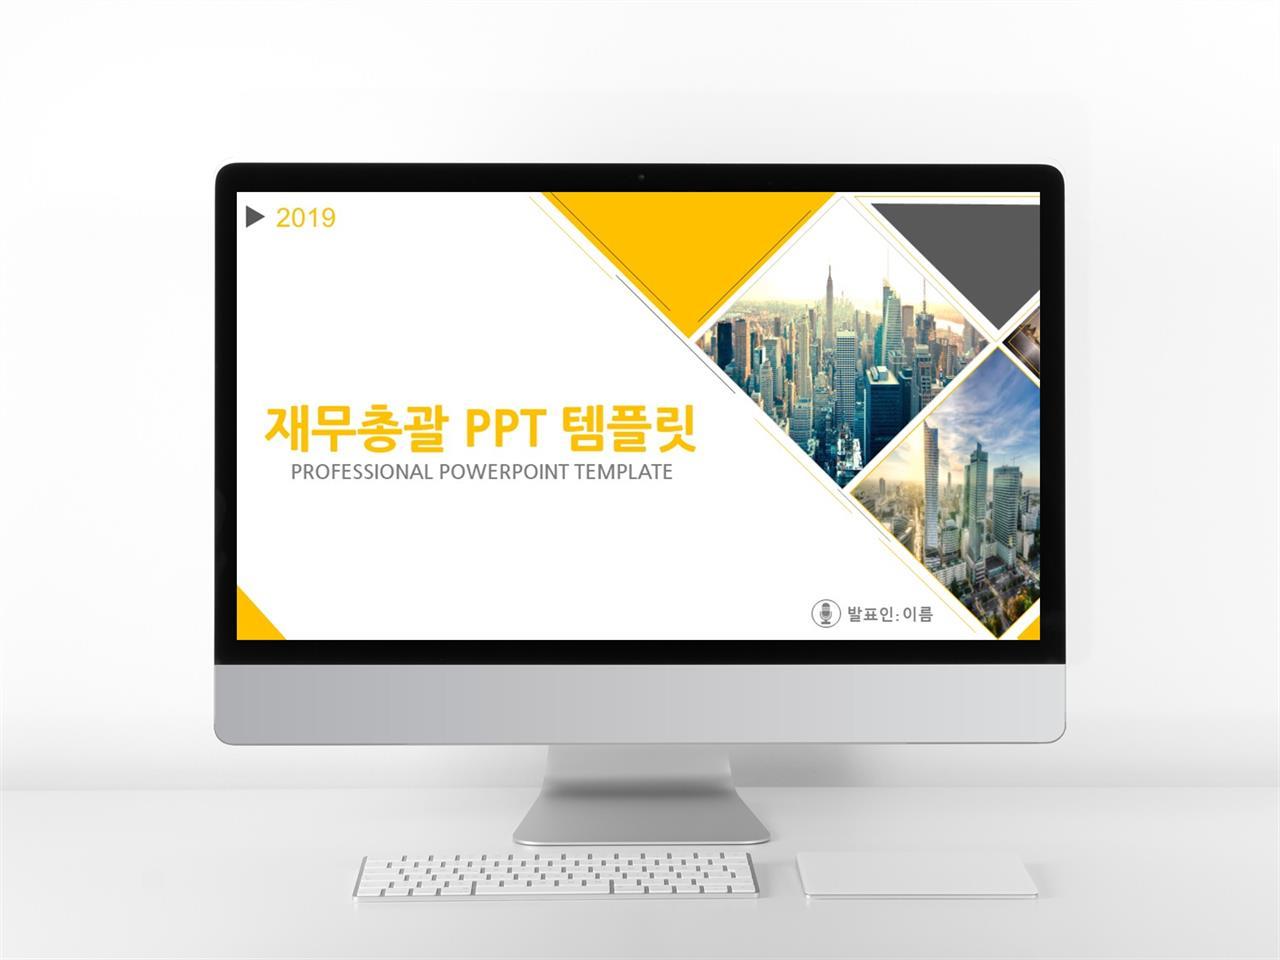 경제금융 노란색 세련된 마음을 사로잡는 POWERPOINT탬플릿 다운 미리보기